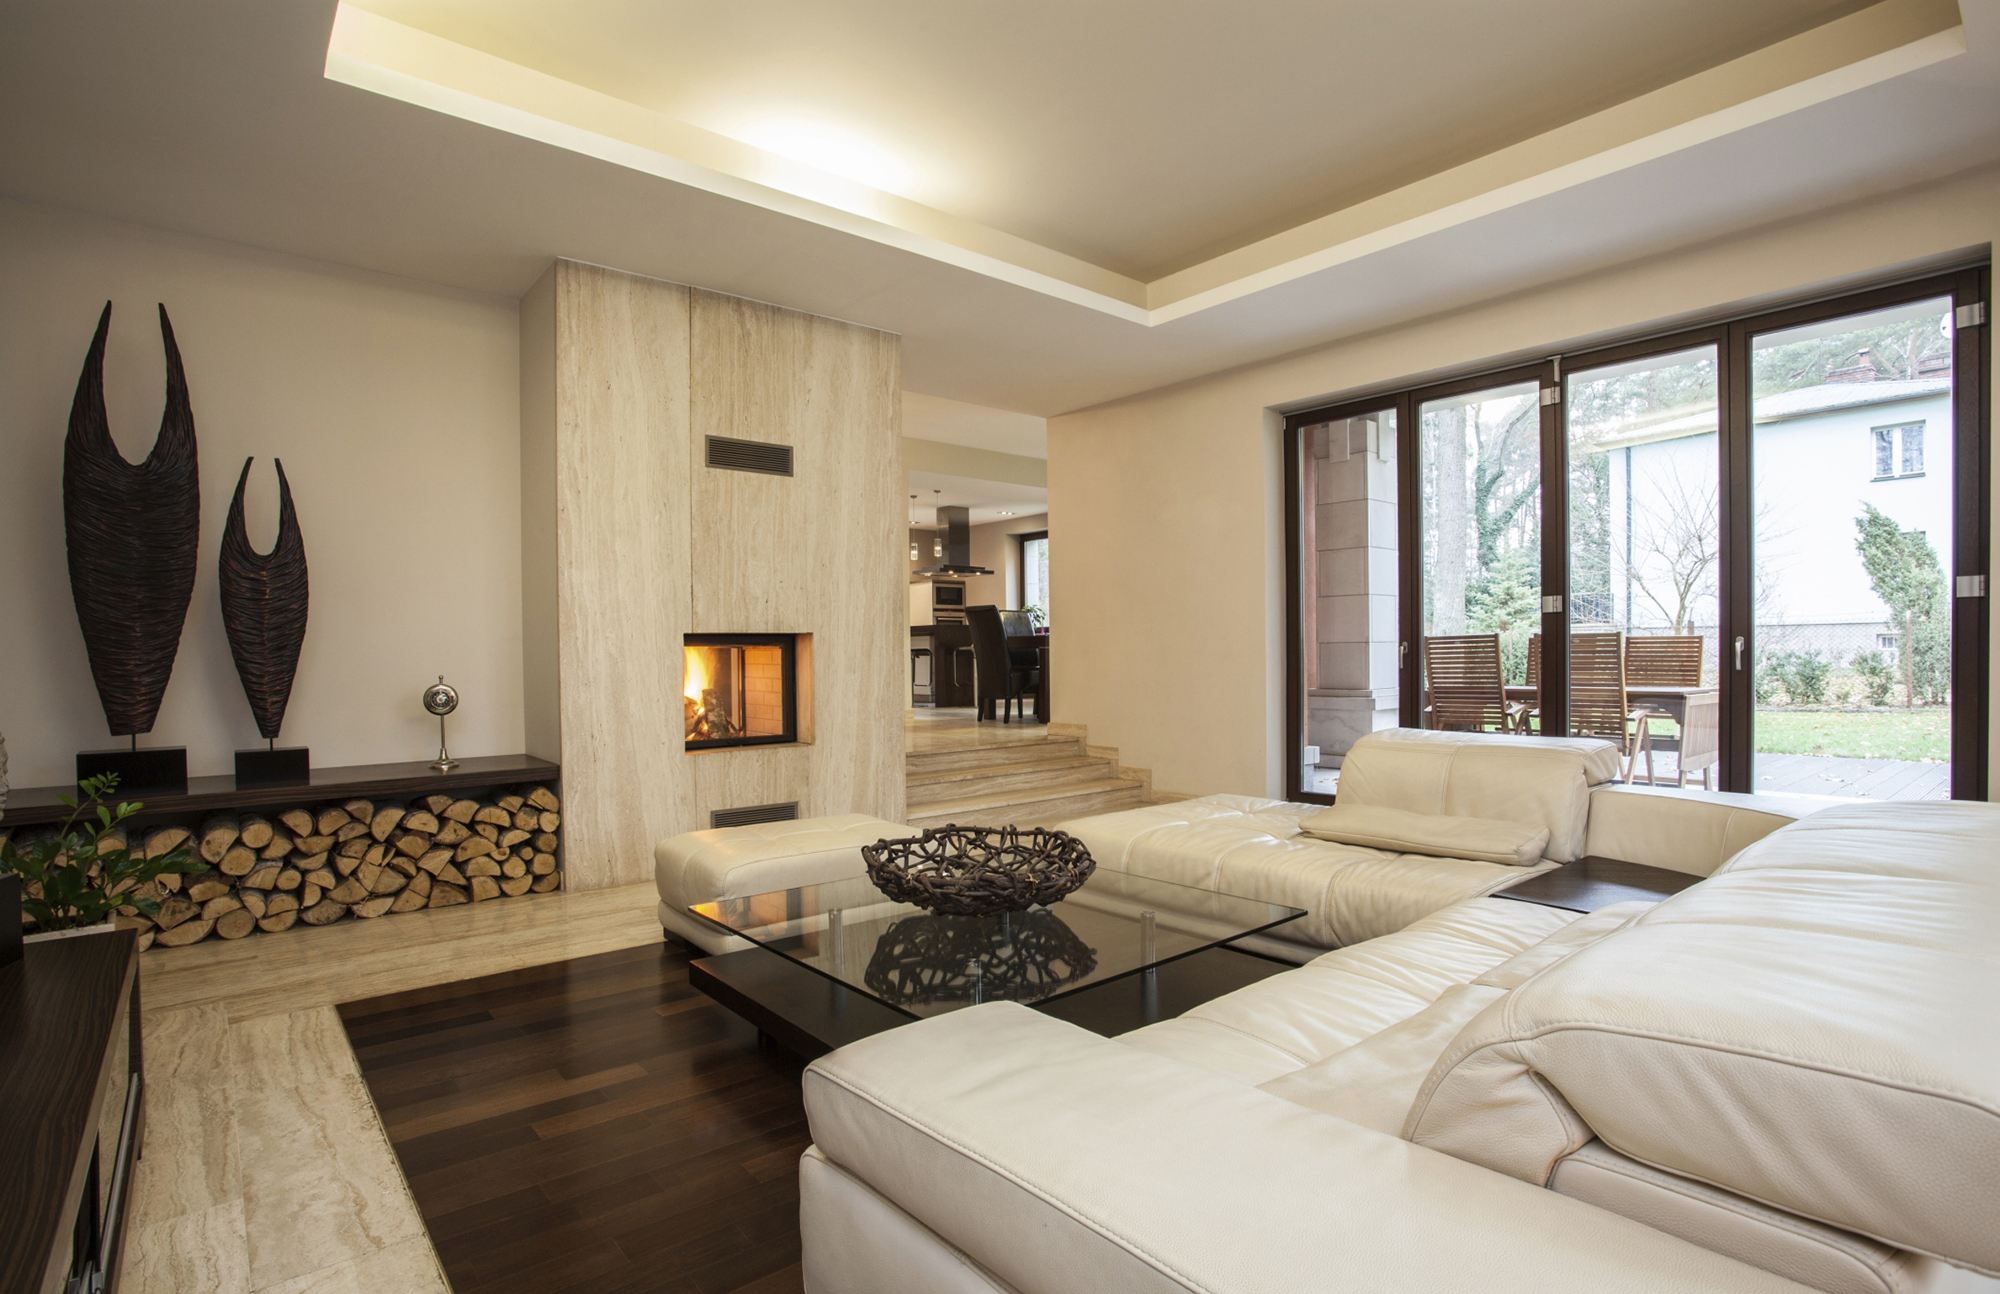 Бежево-коричневая гостиная с камином